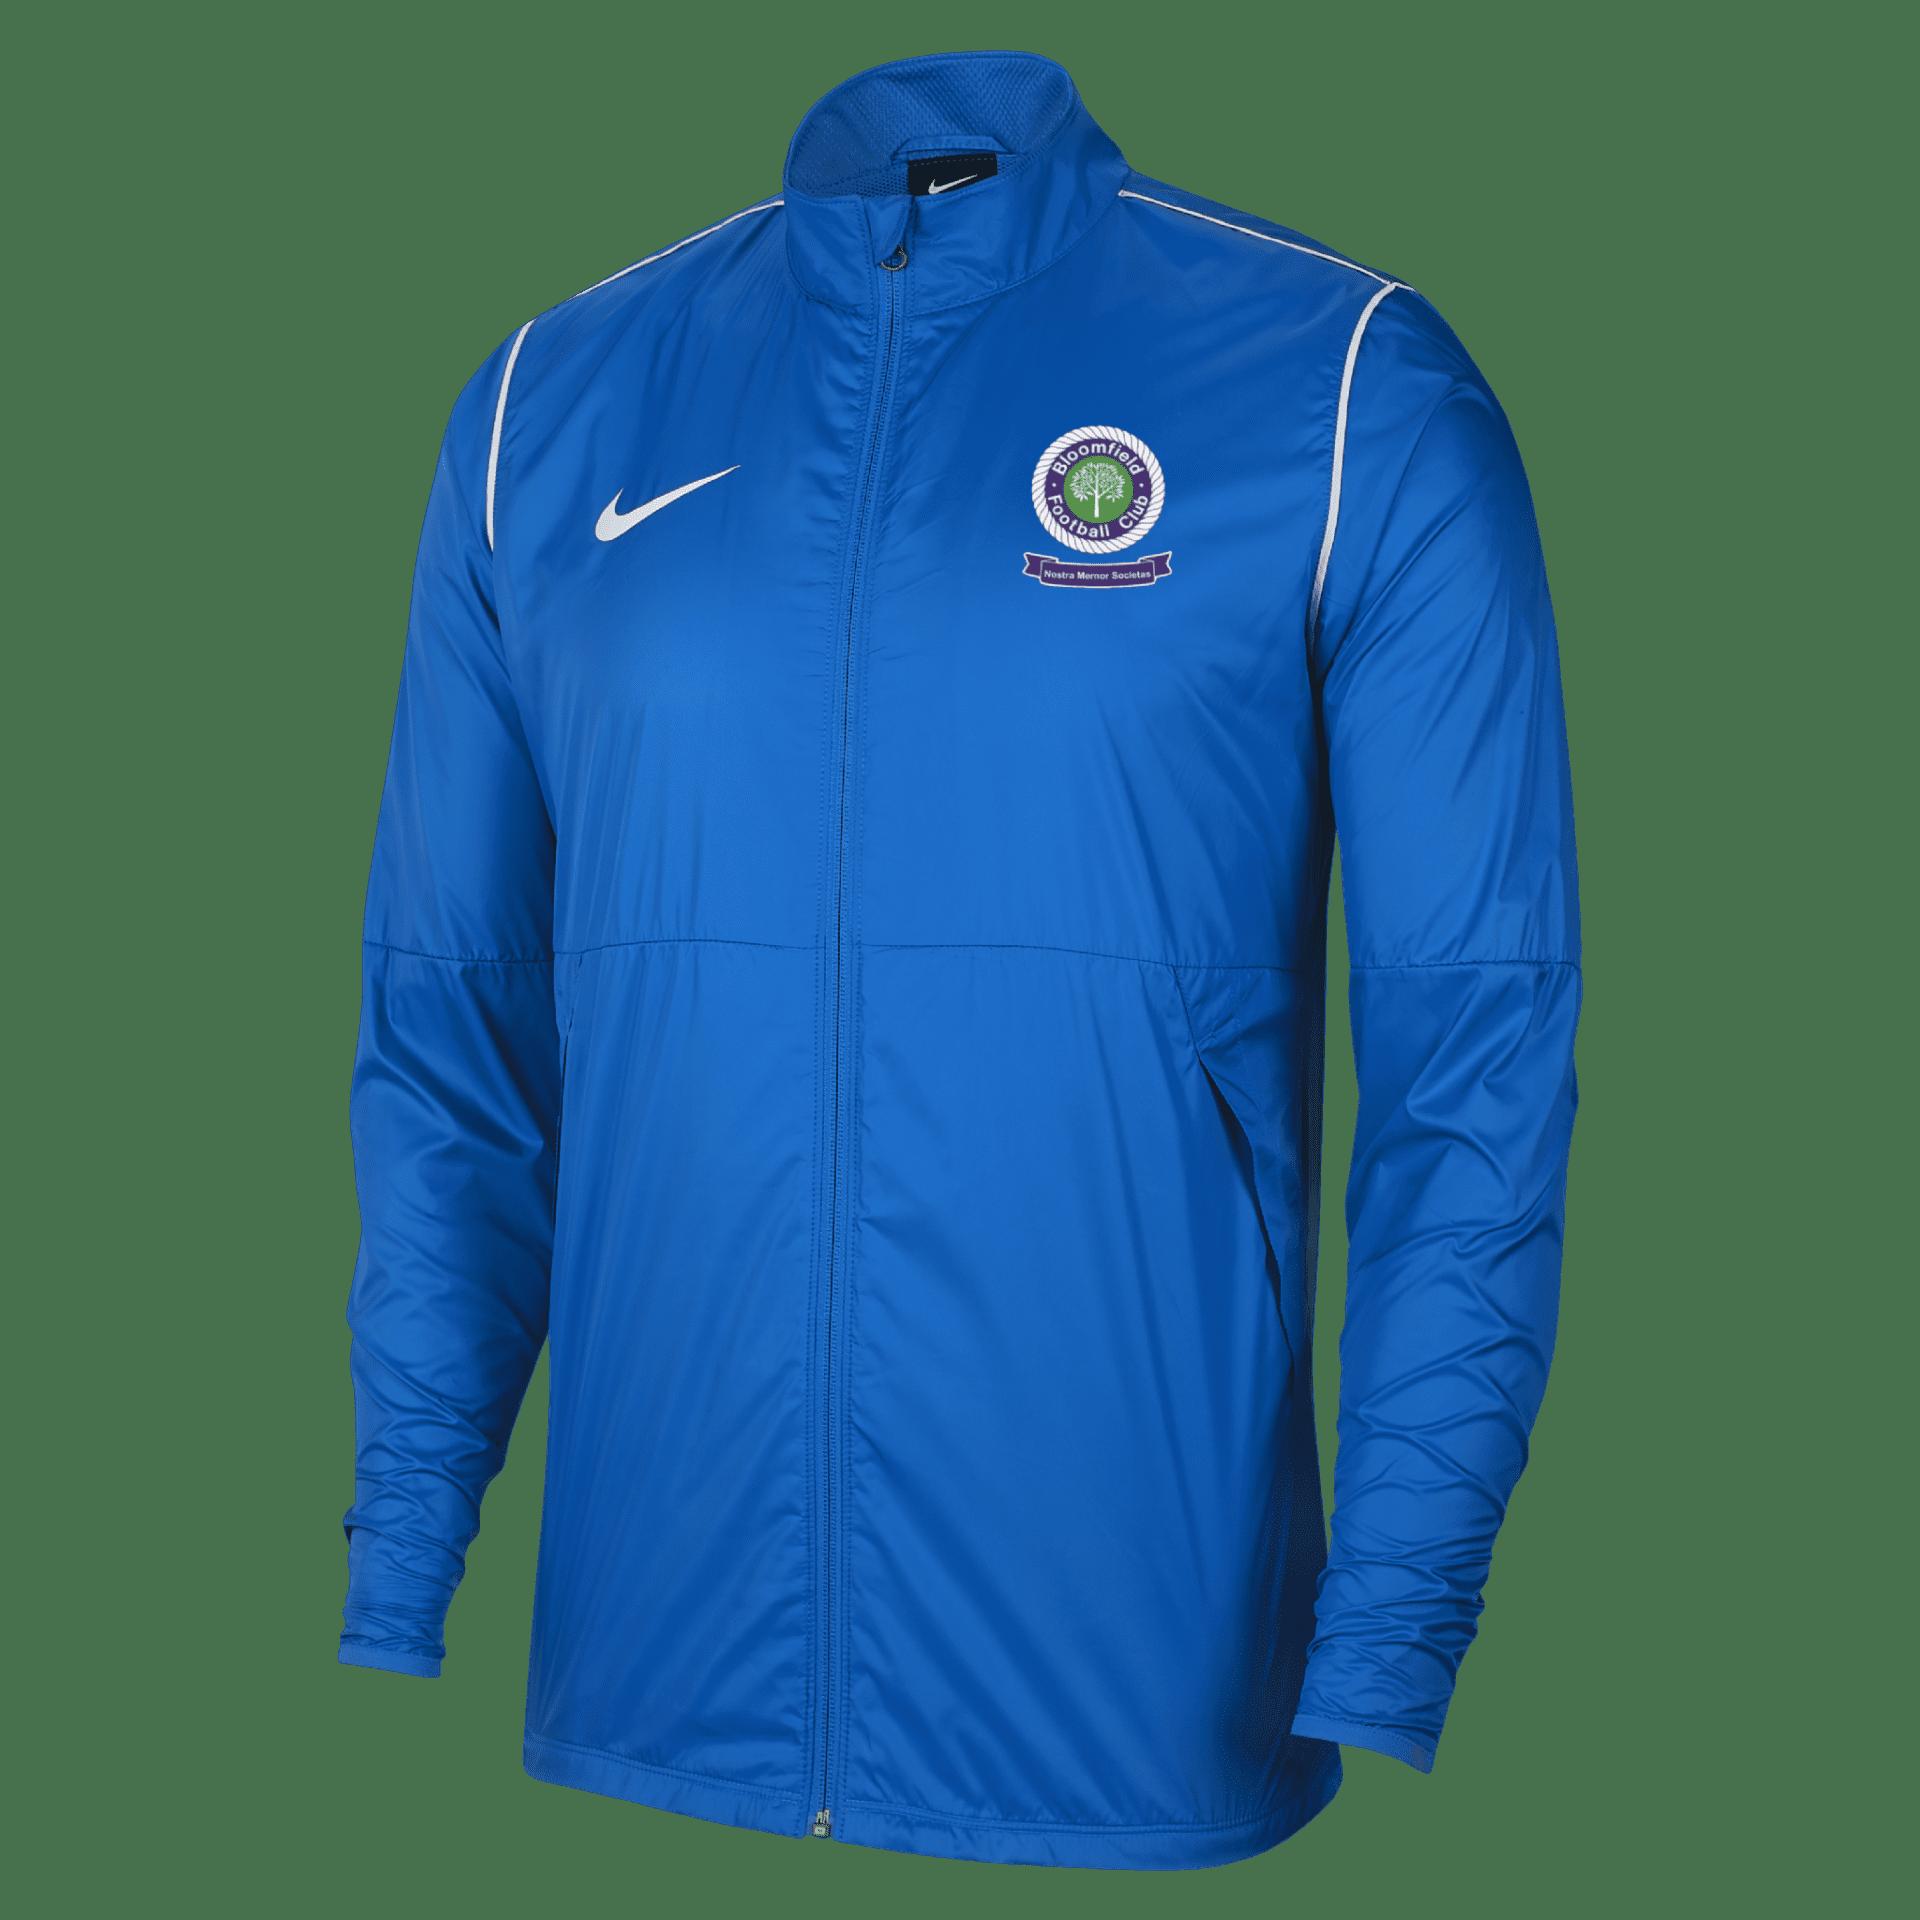 bloomfield rain jacket 31416 p